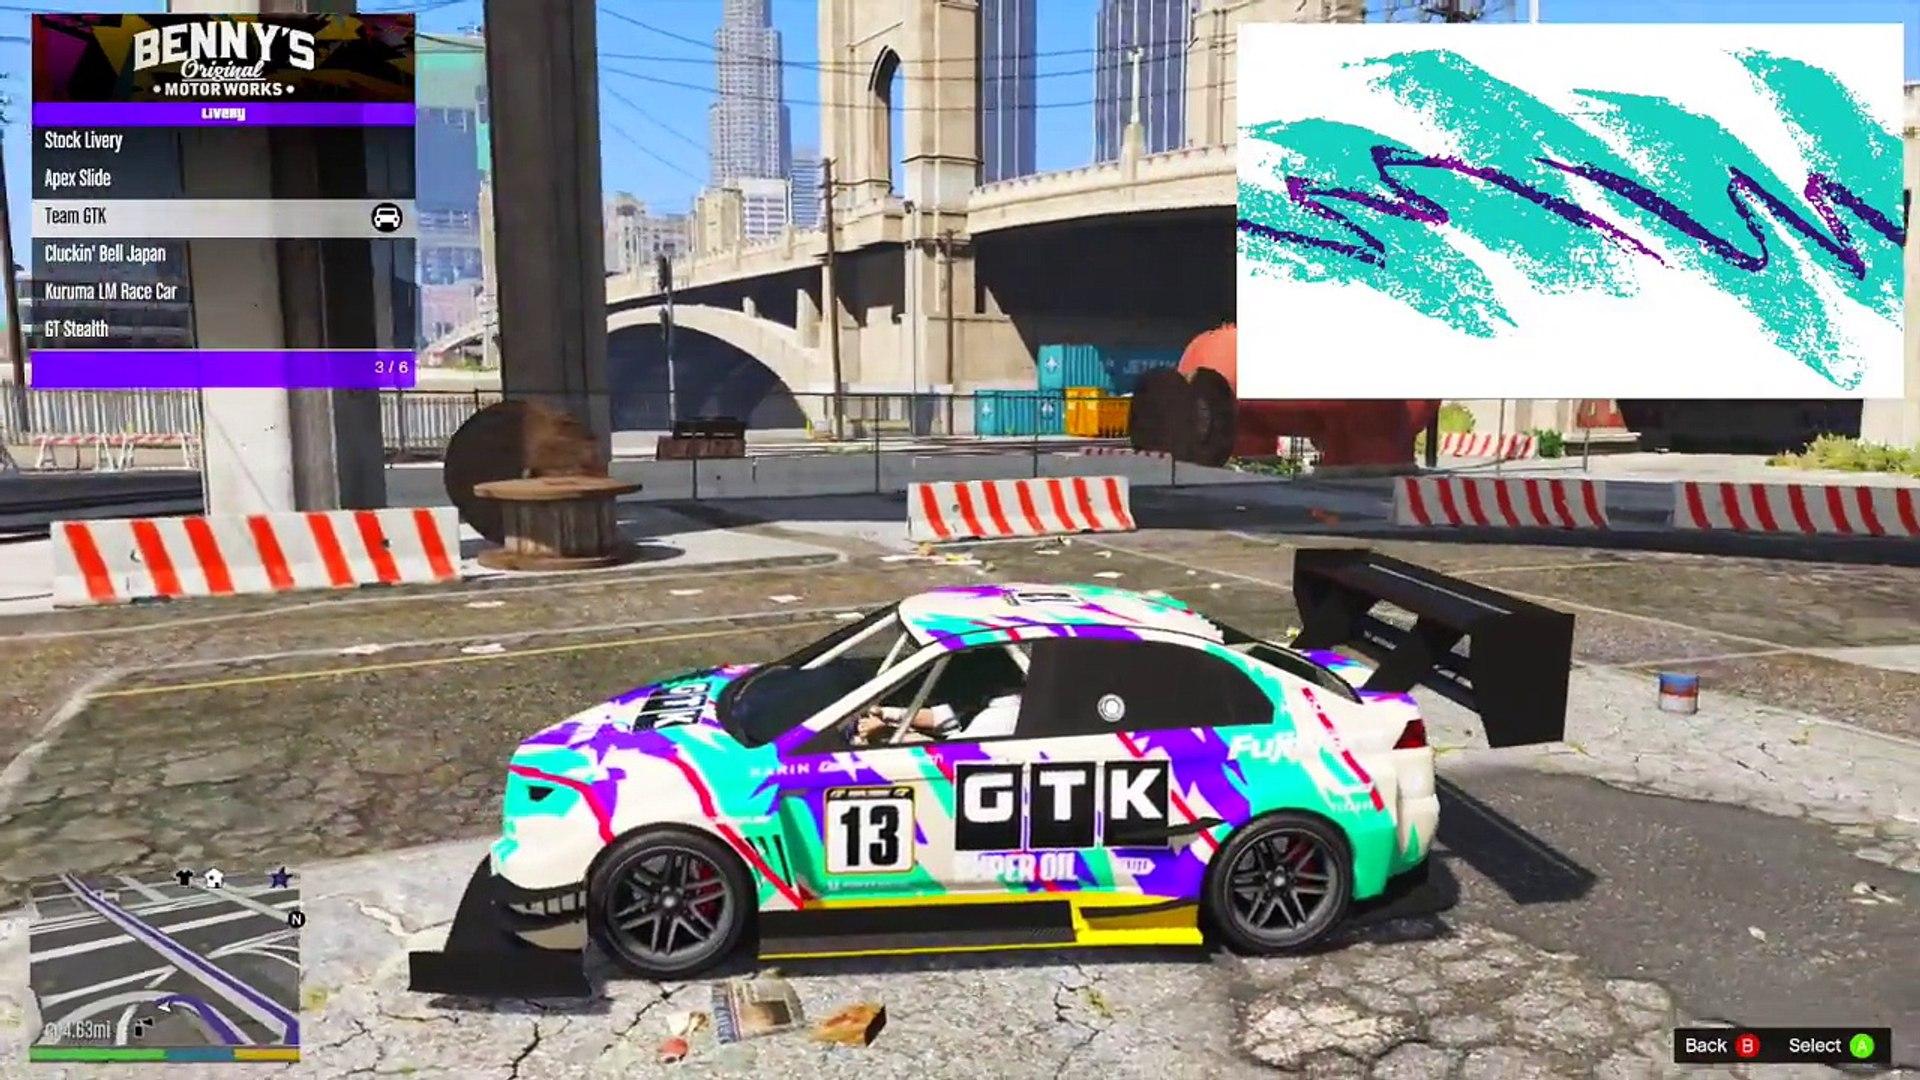 gta v police car customization